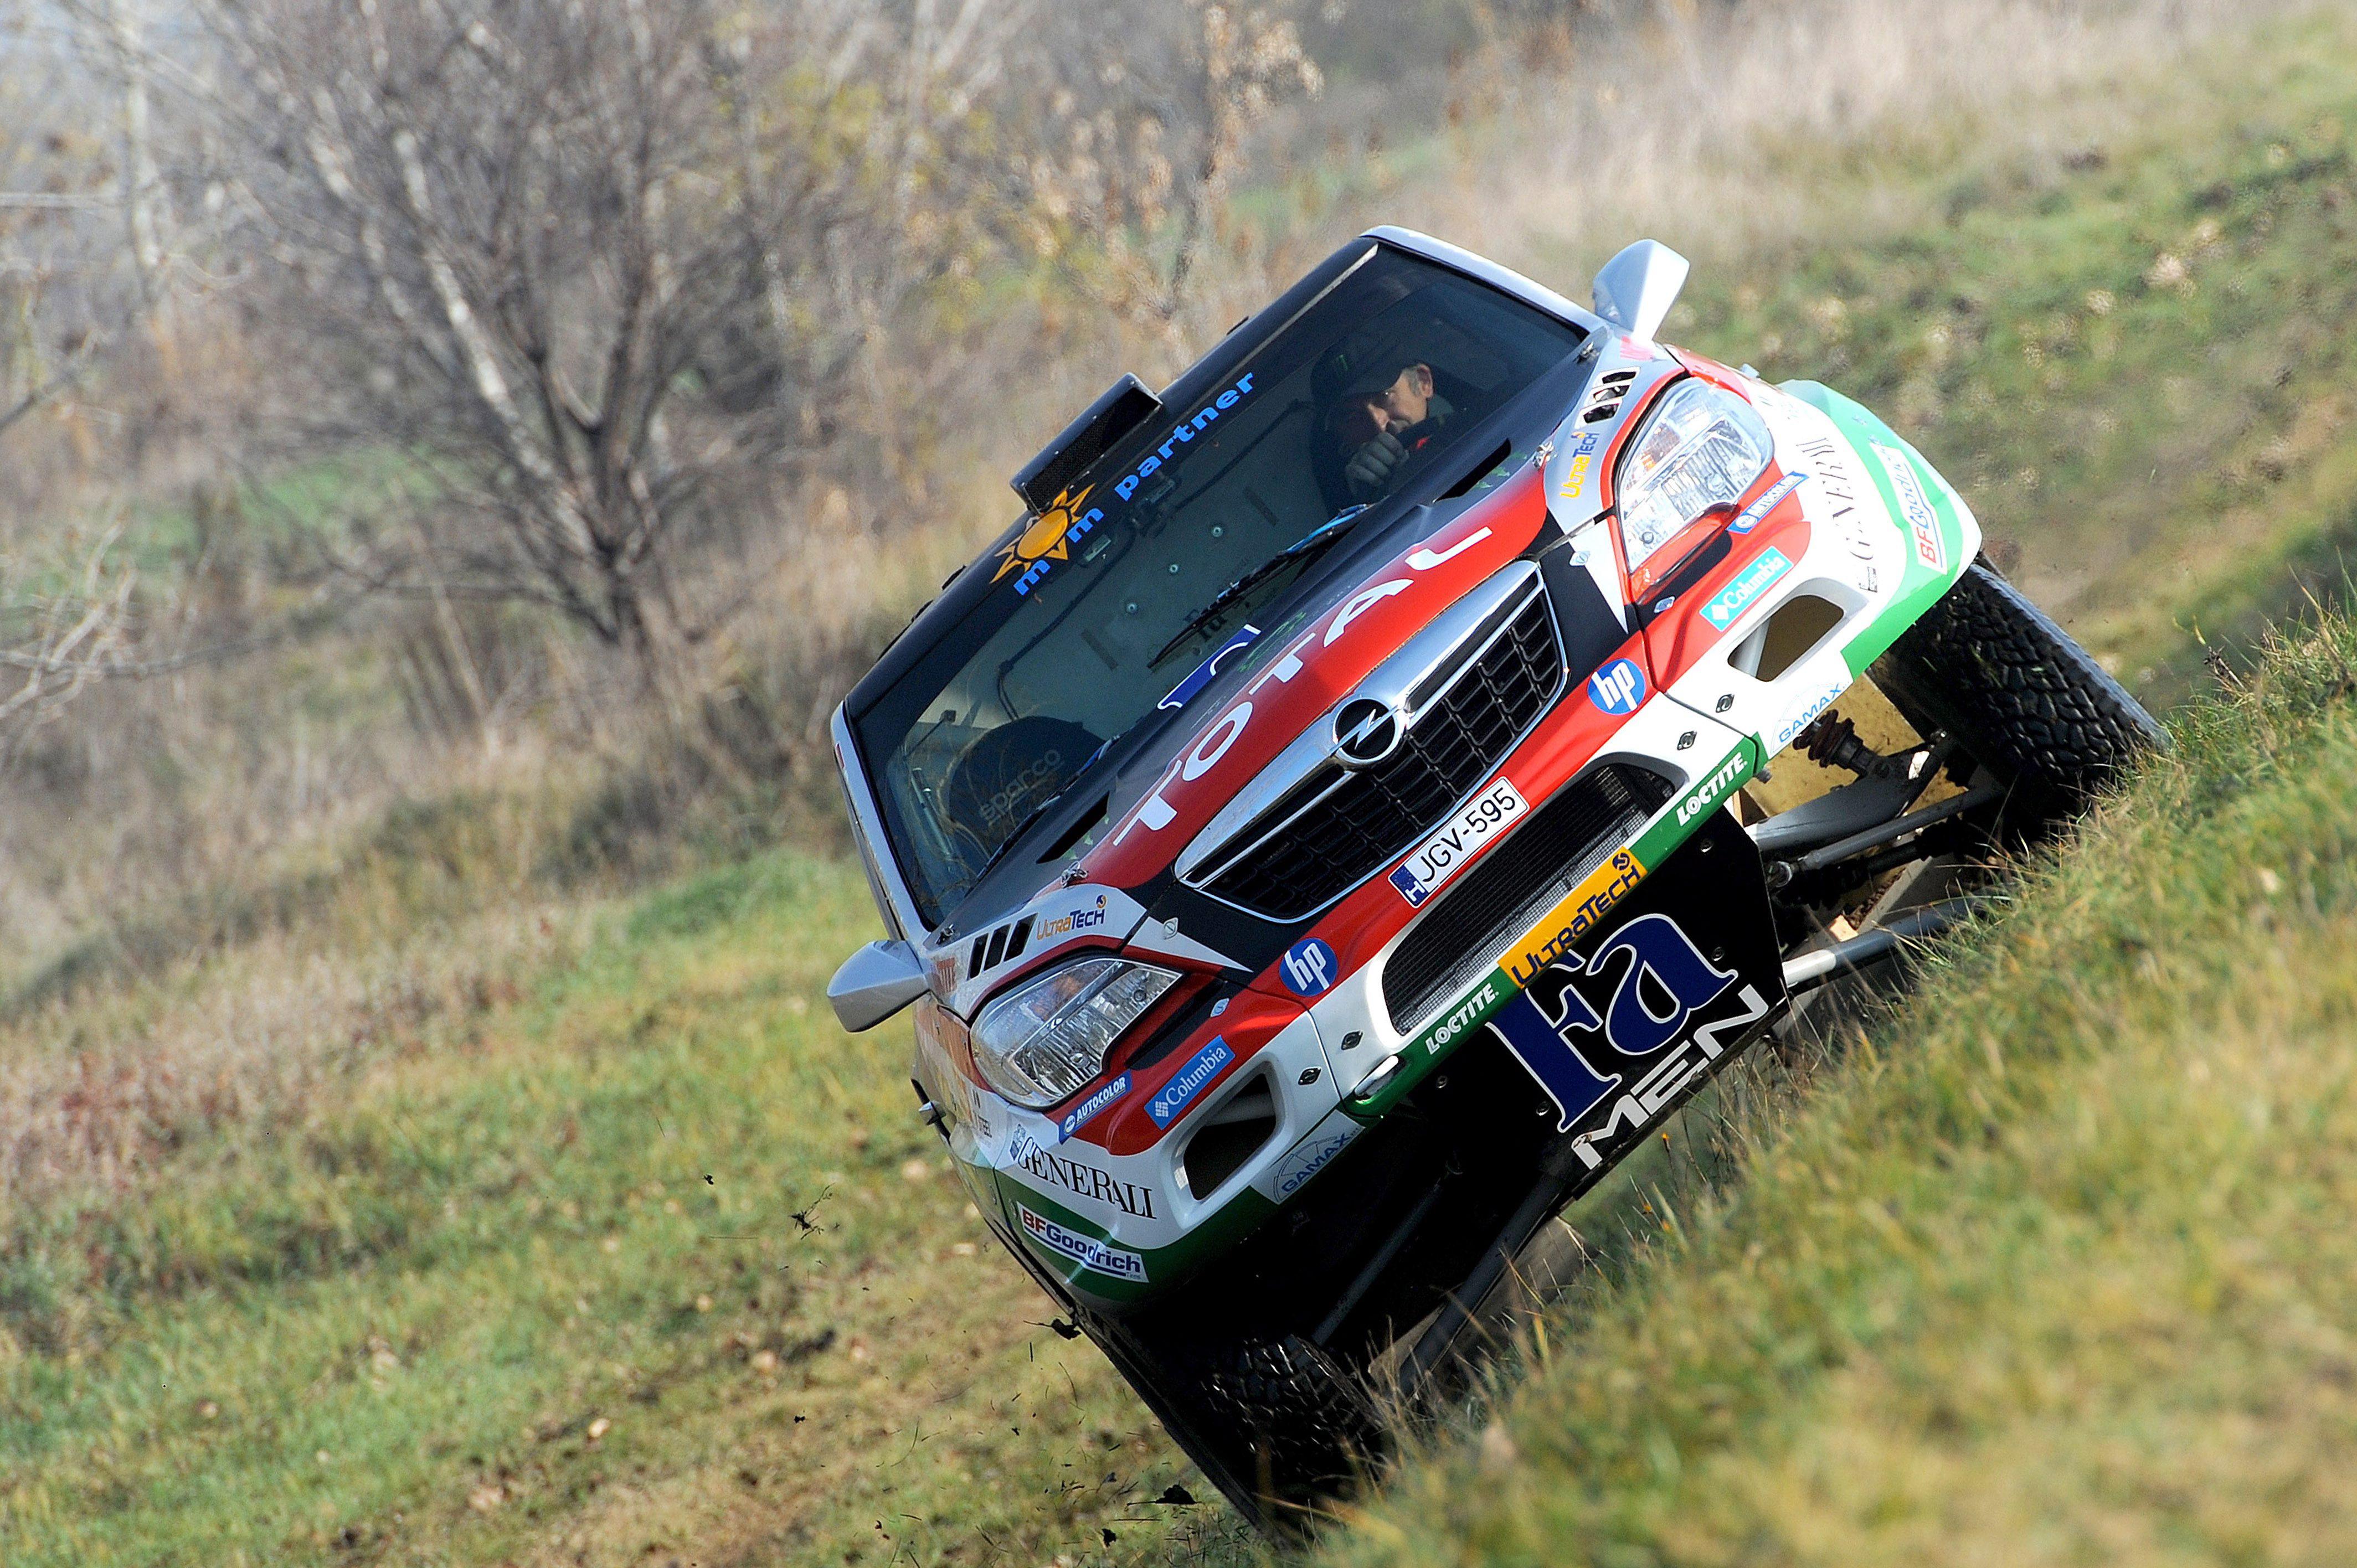 Mokka rally car - Vauxhall Mokka Forums